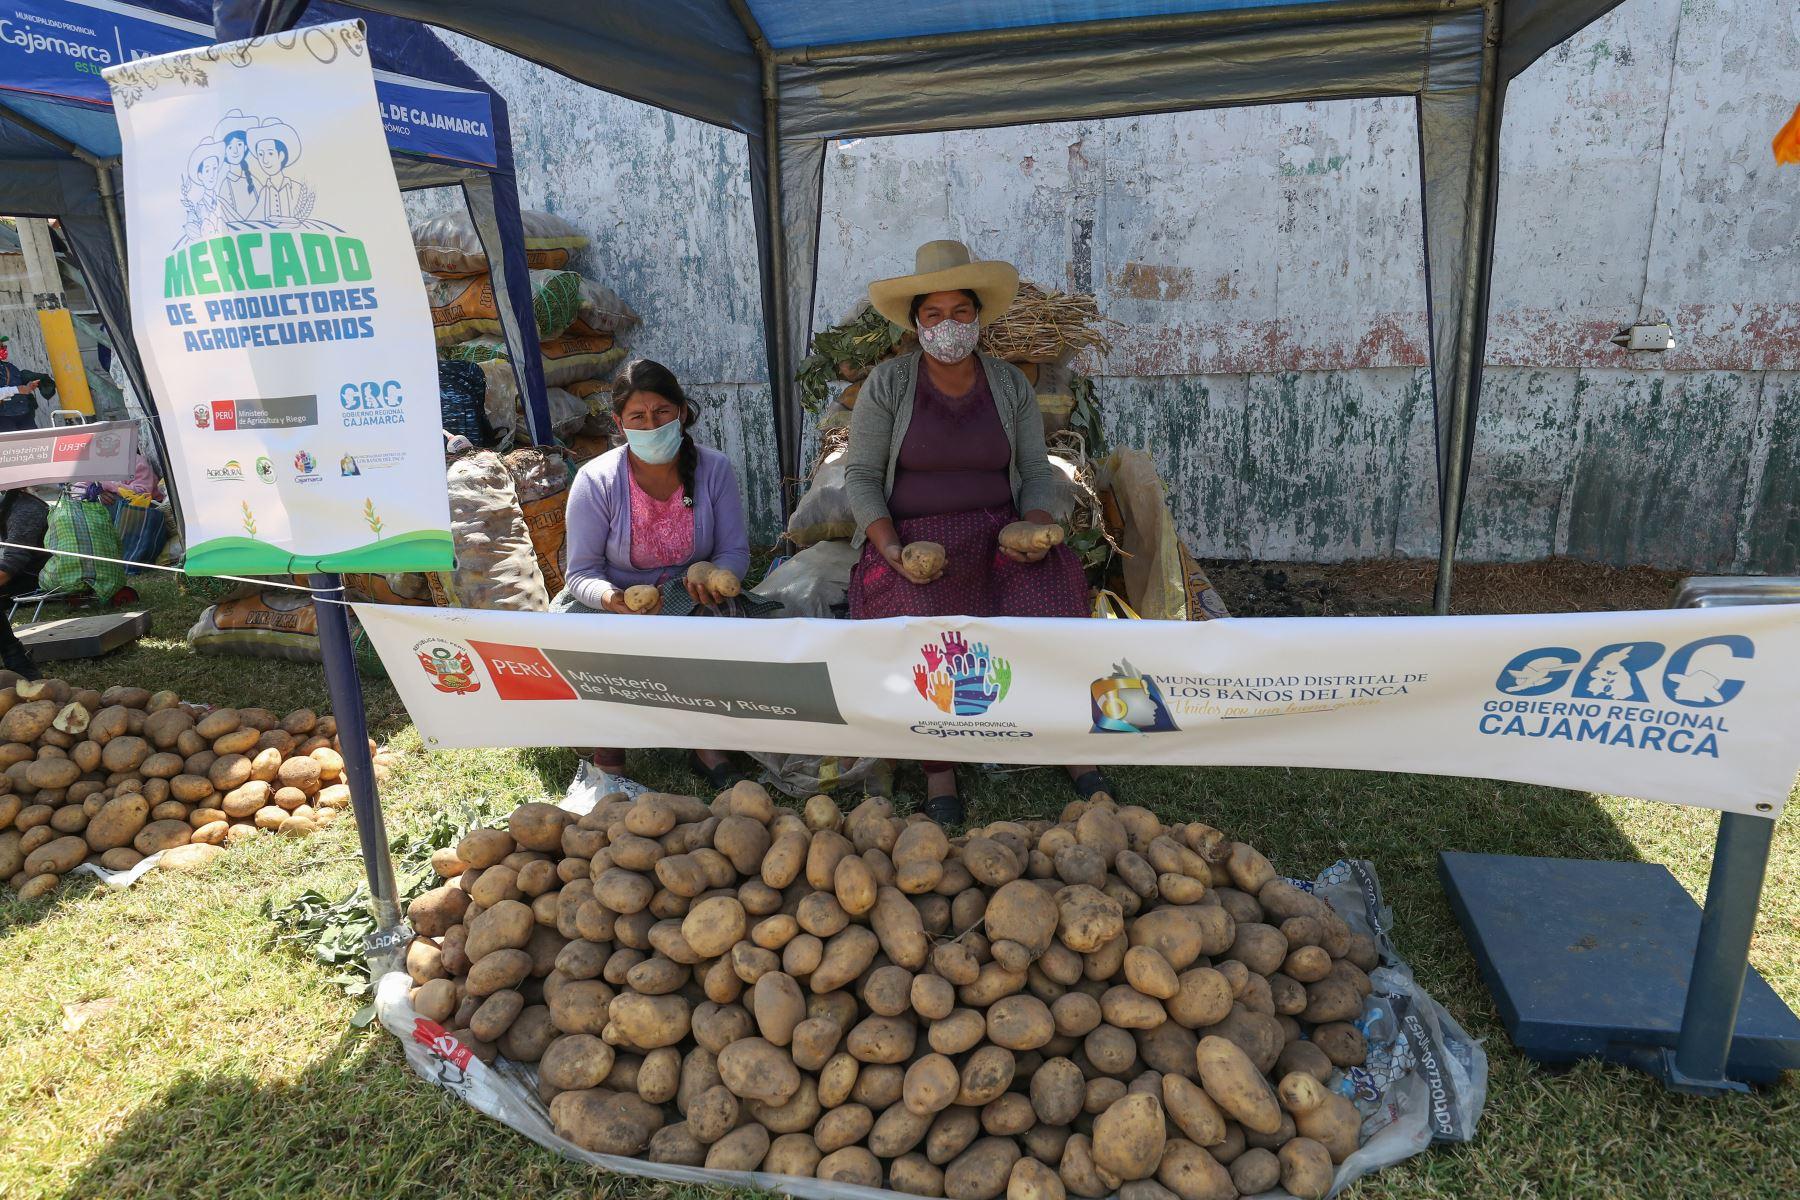 Con todas las medidas de bioseguridad para evitar la propagación del COVID-19, 130 productores agrícolas y ganaderos ofertarán sus productos en el nuevo Mercado de Productores Agropecuarios de Cajamarca. La población podrá llevar los alimentos del campo directamente a su hogar. Foto: ANDINA/PCM